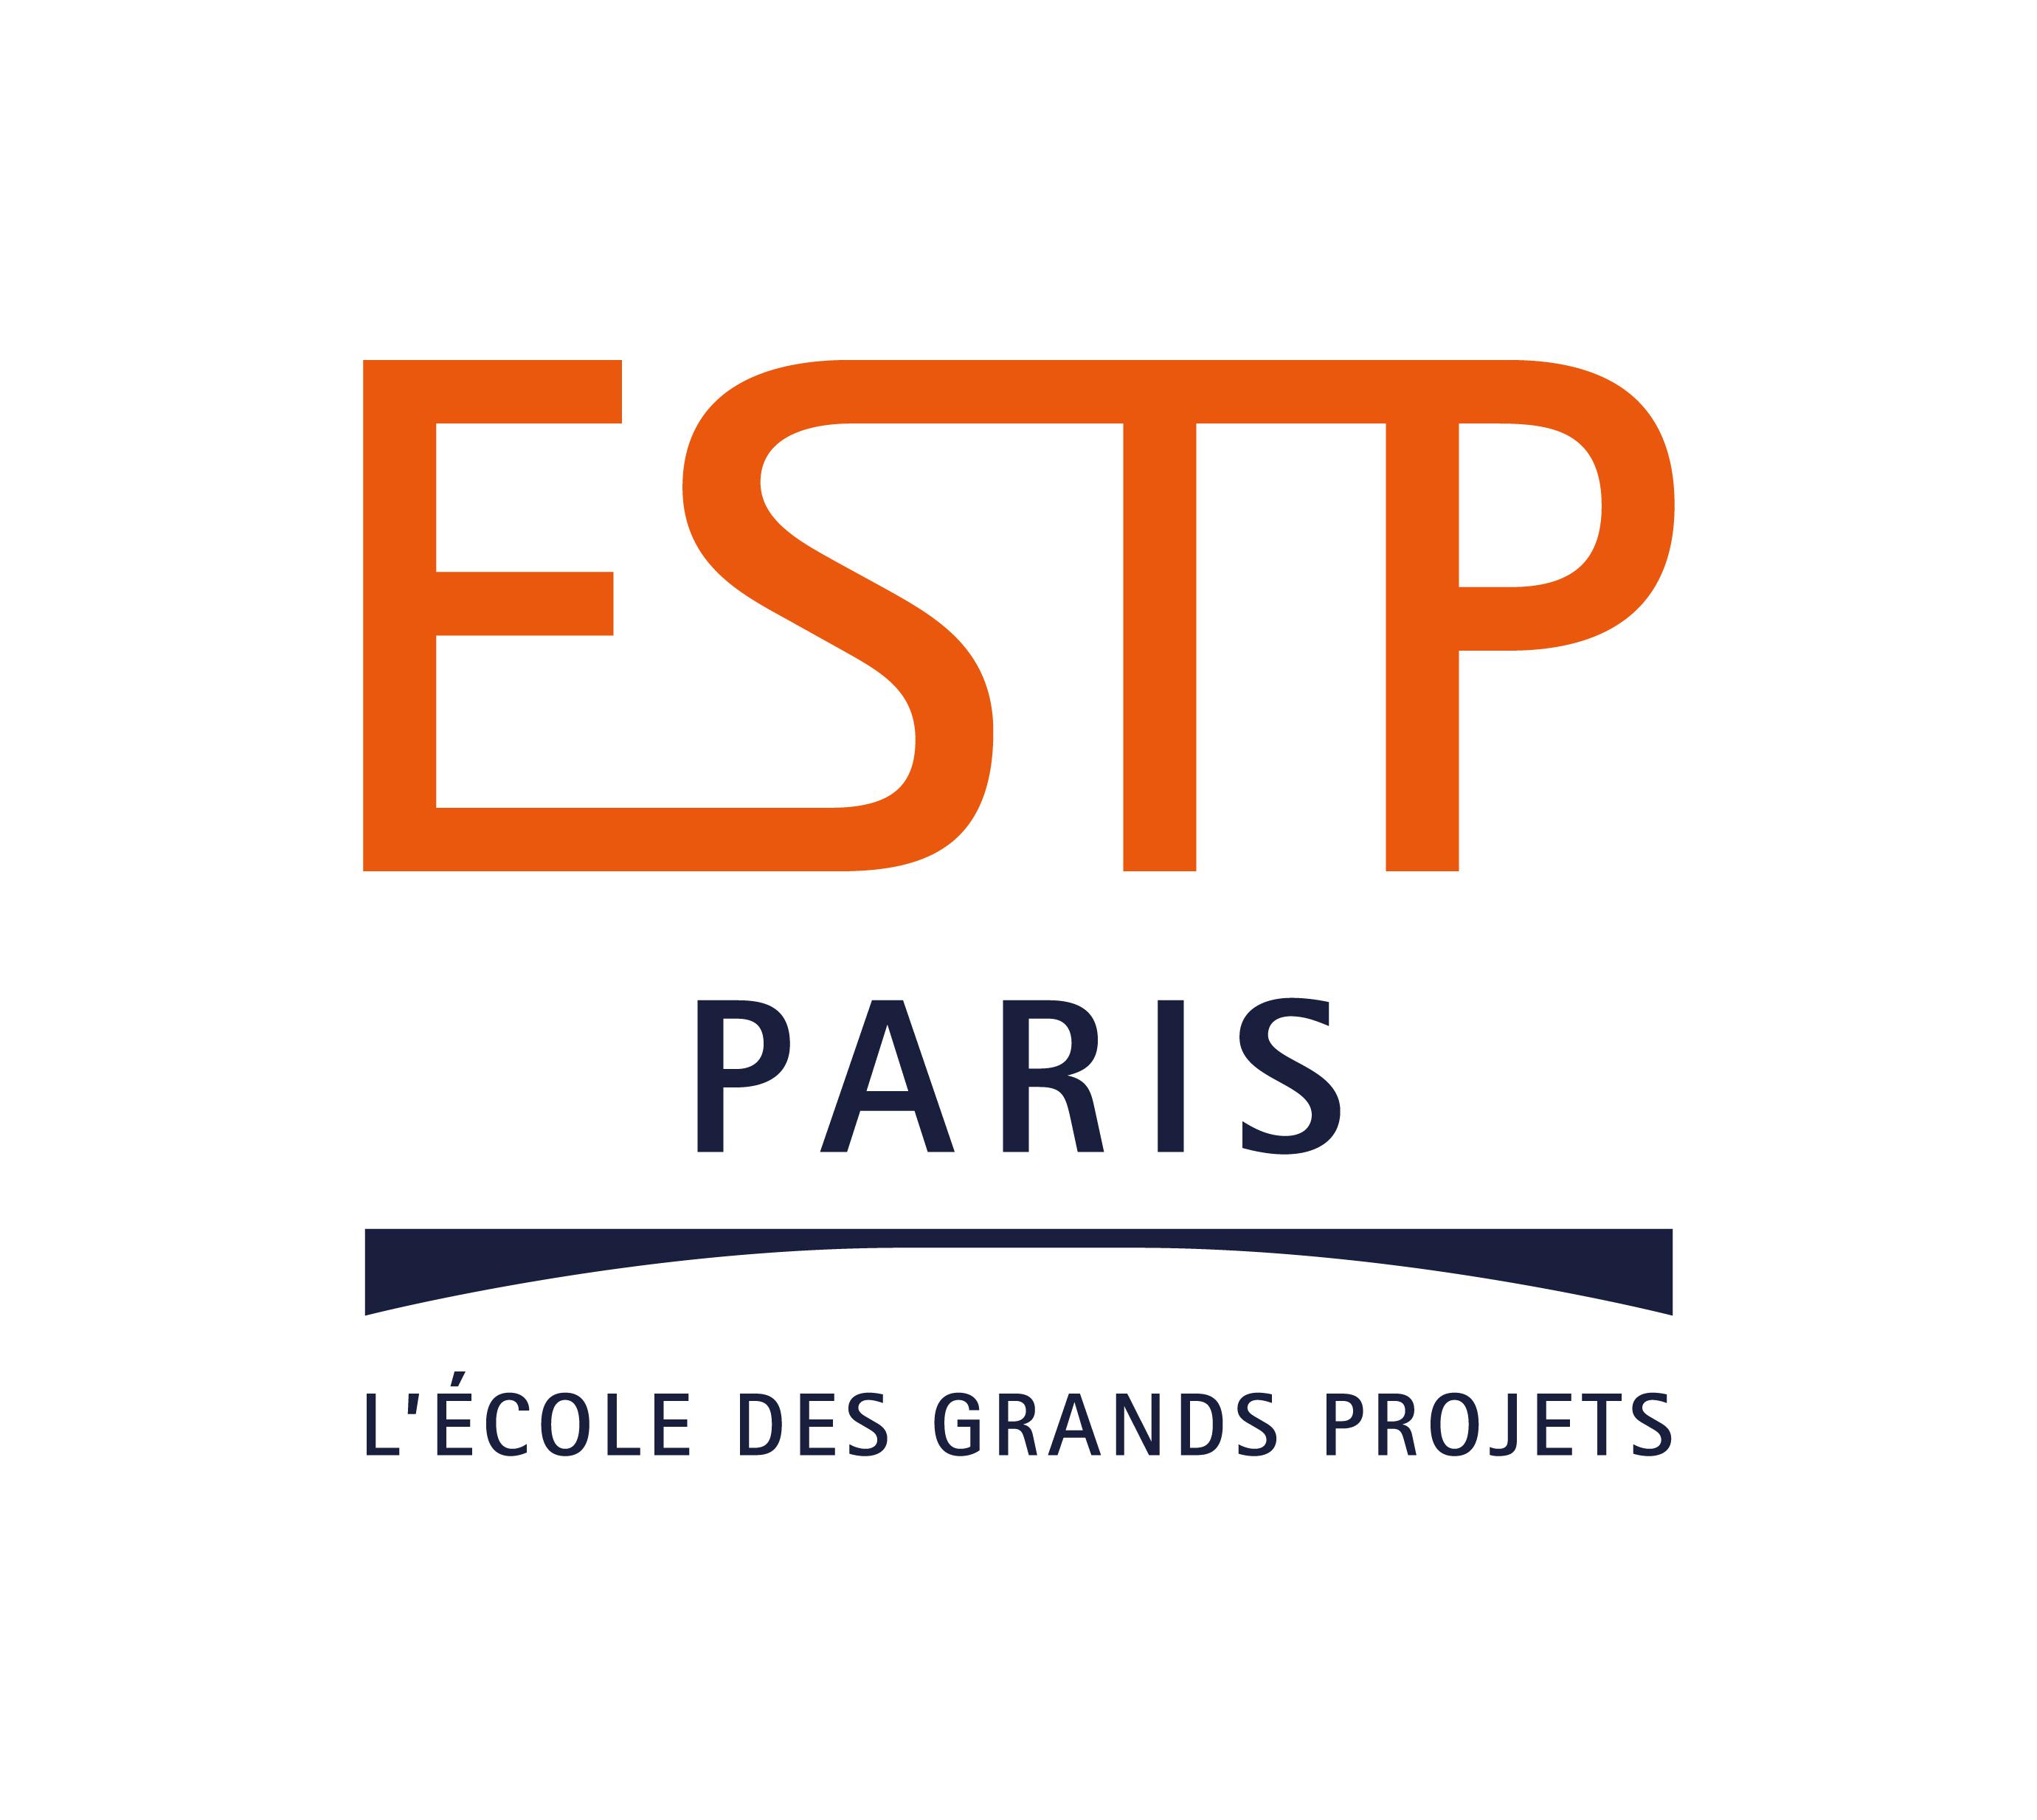 Logo ÉCOLE D'INGÉNIEUR - ESTP Paris